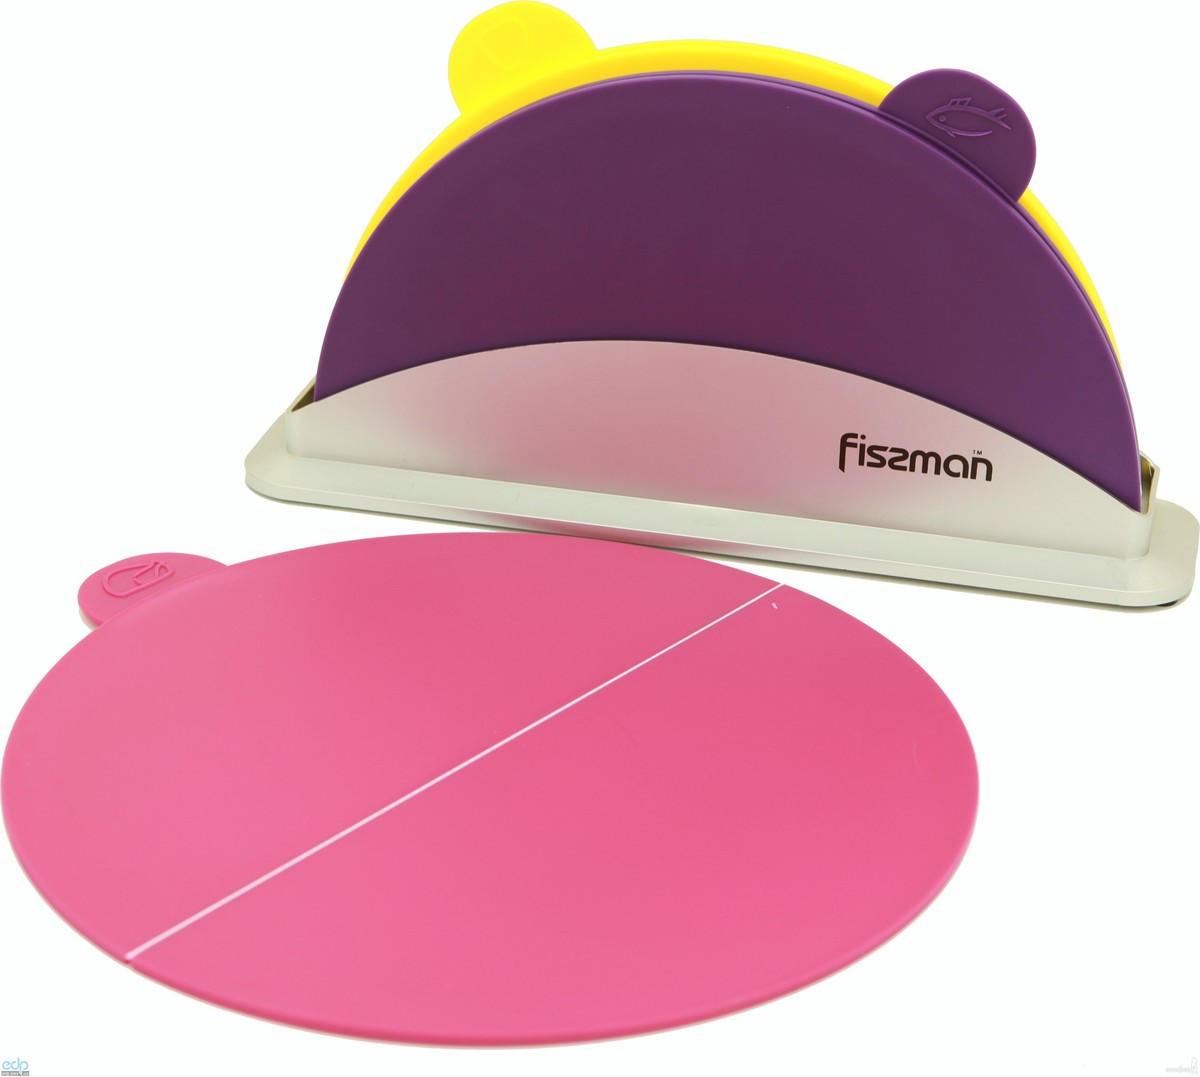 Fissman - Набор досок на подставке 3 штуки 33 х 19 см пластик (AY-7240.CB)